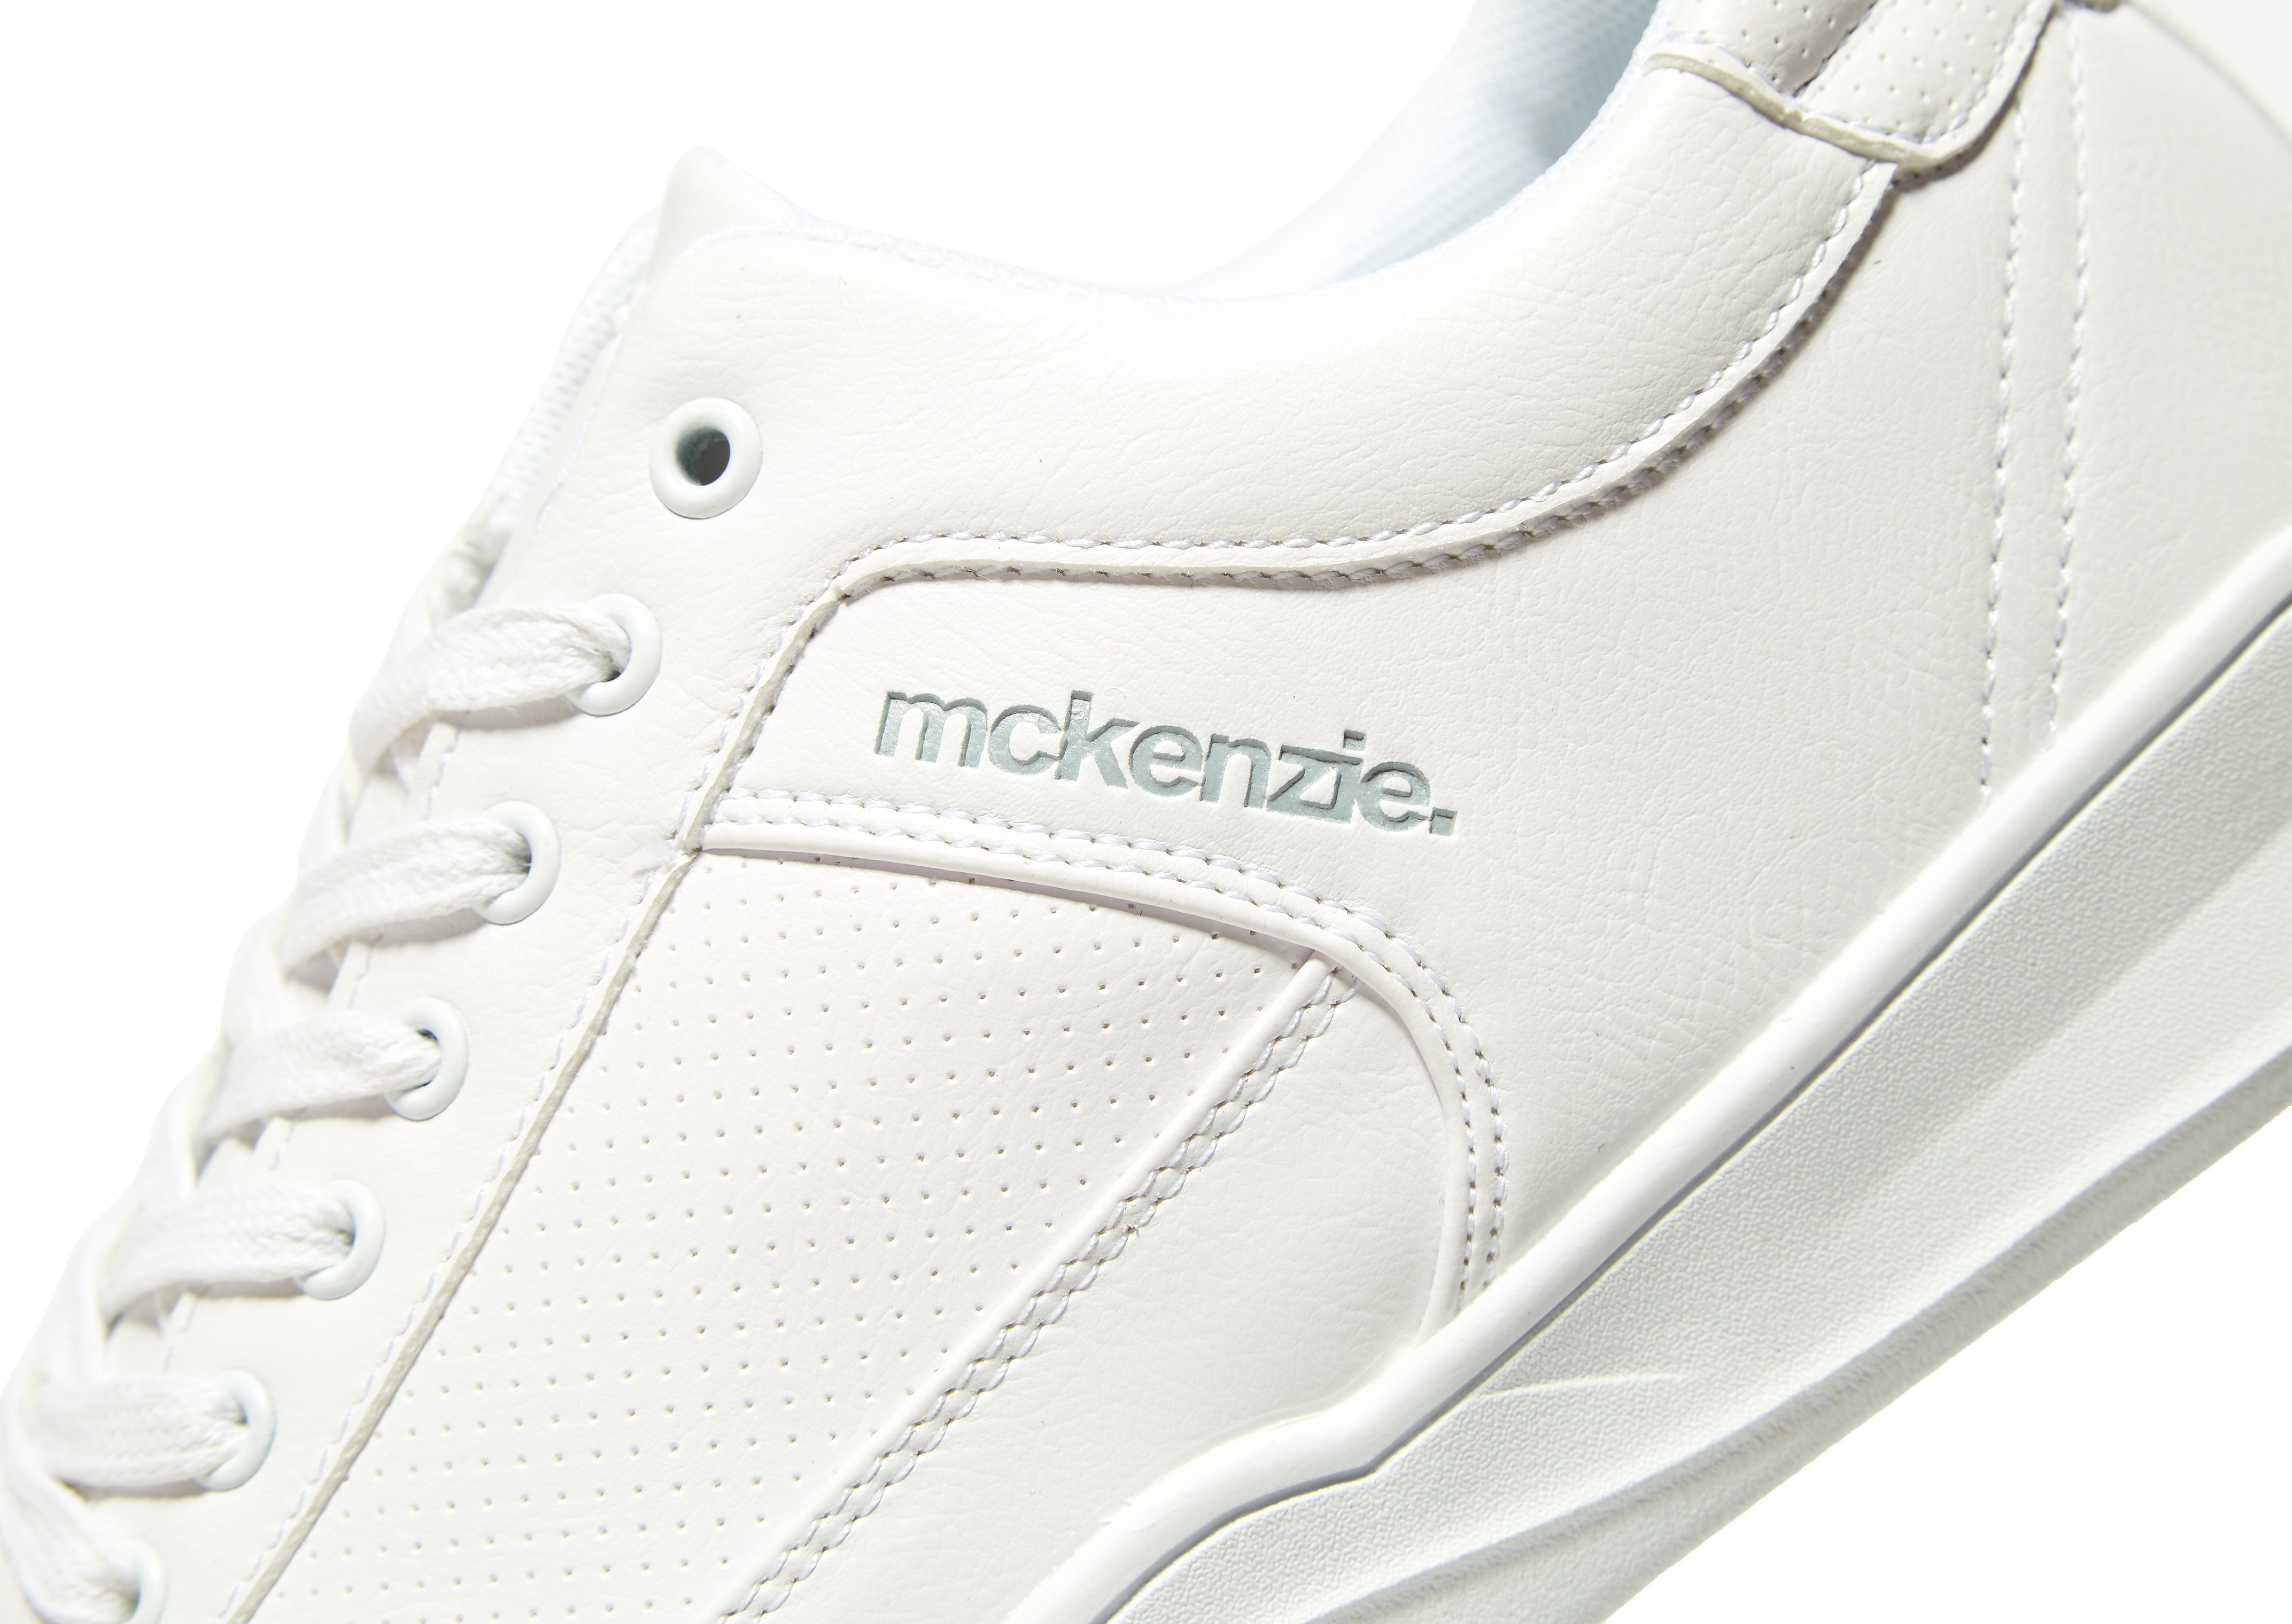 McKenzie Avon 2